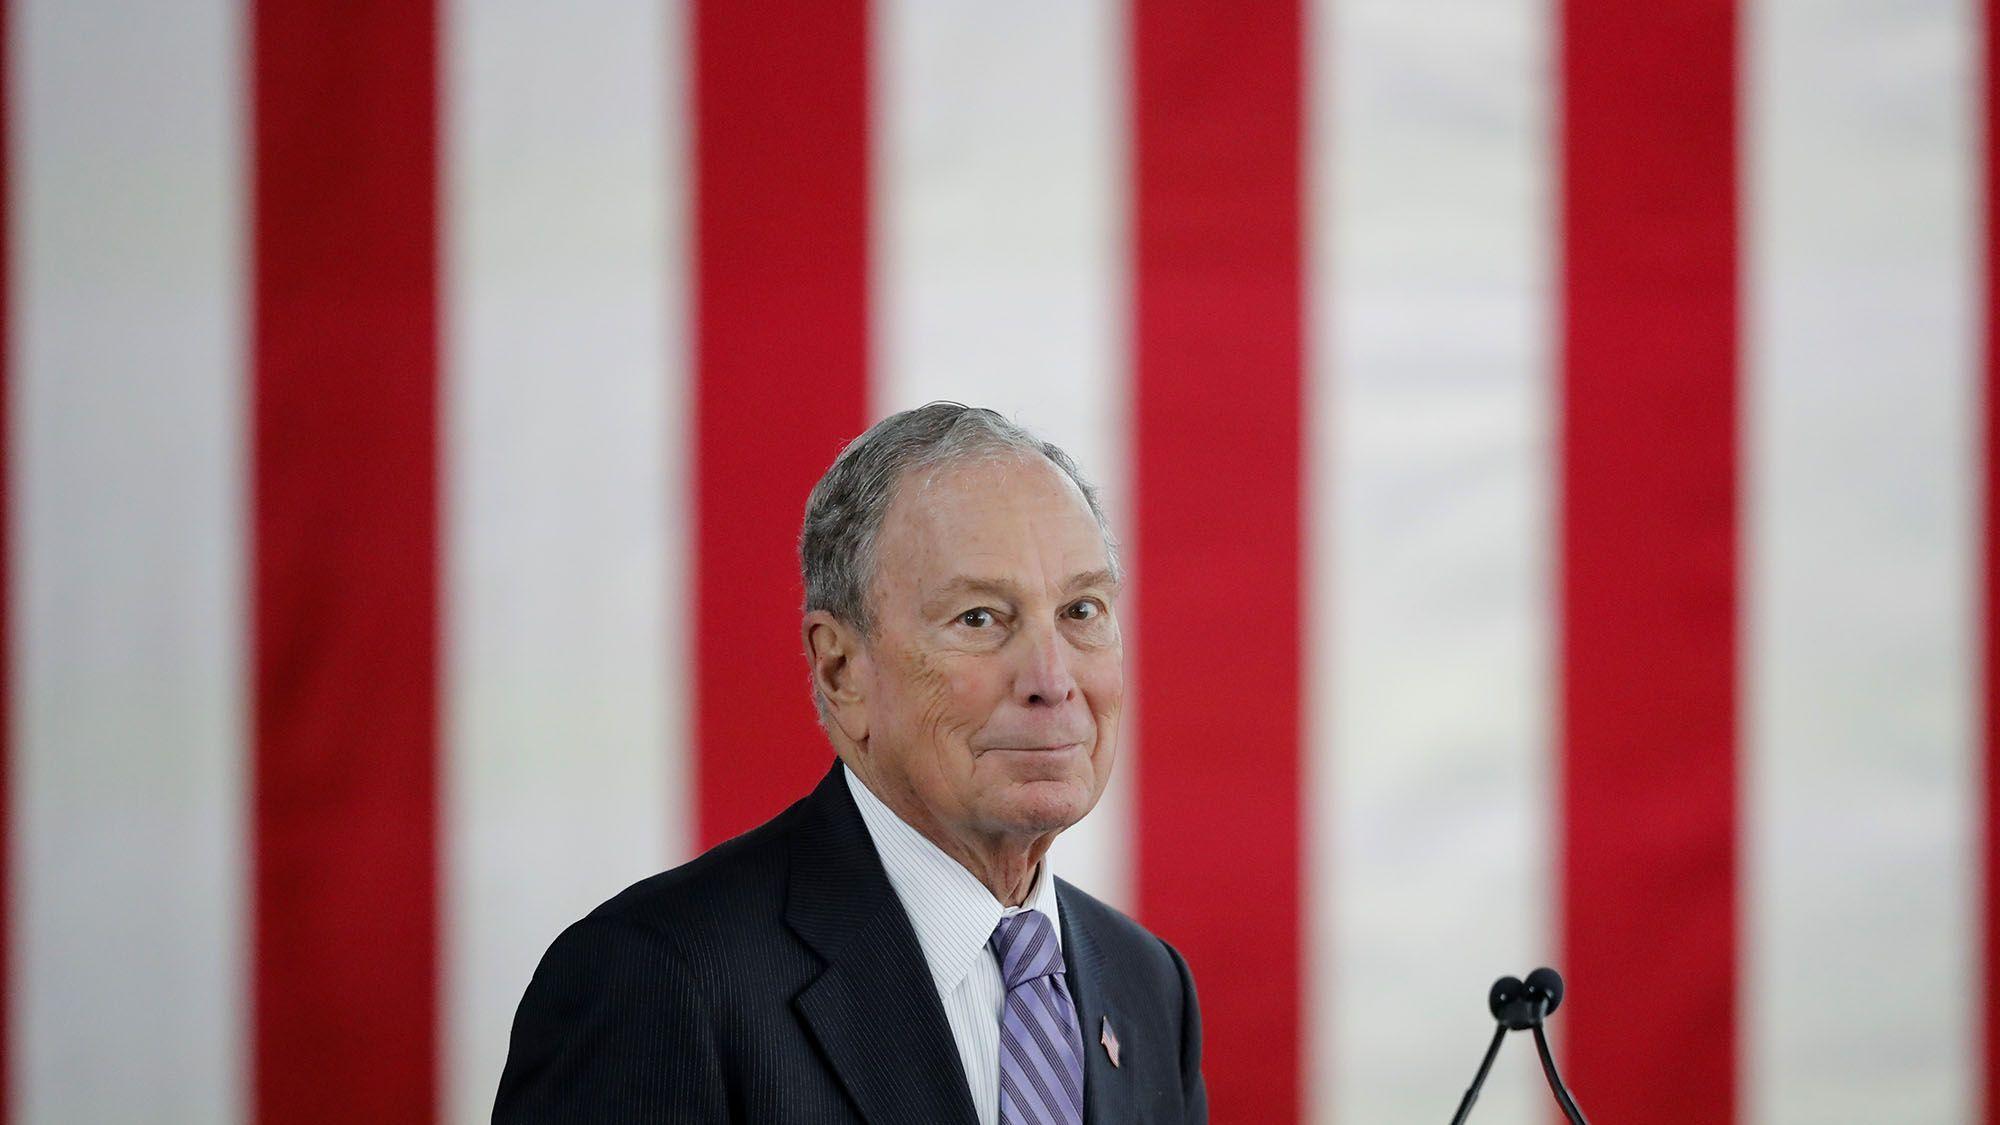 マイケル・ブルームバーグが暗号通貨政策、米大統領選候補で唯一